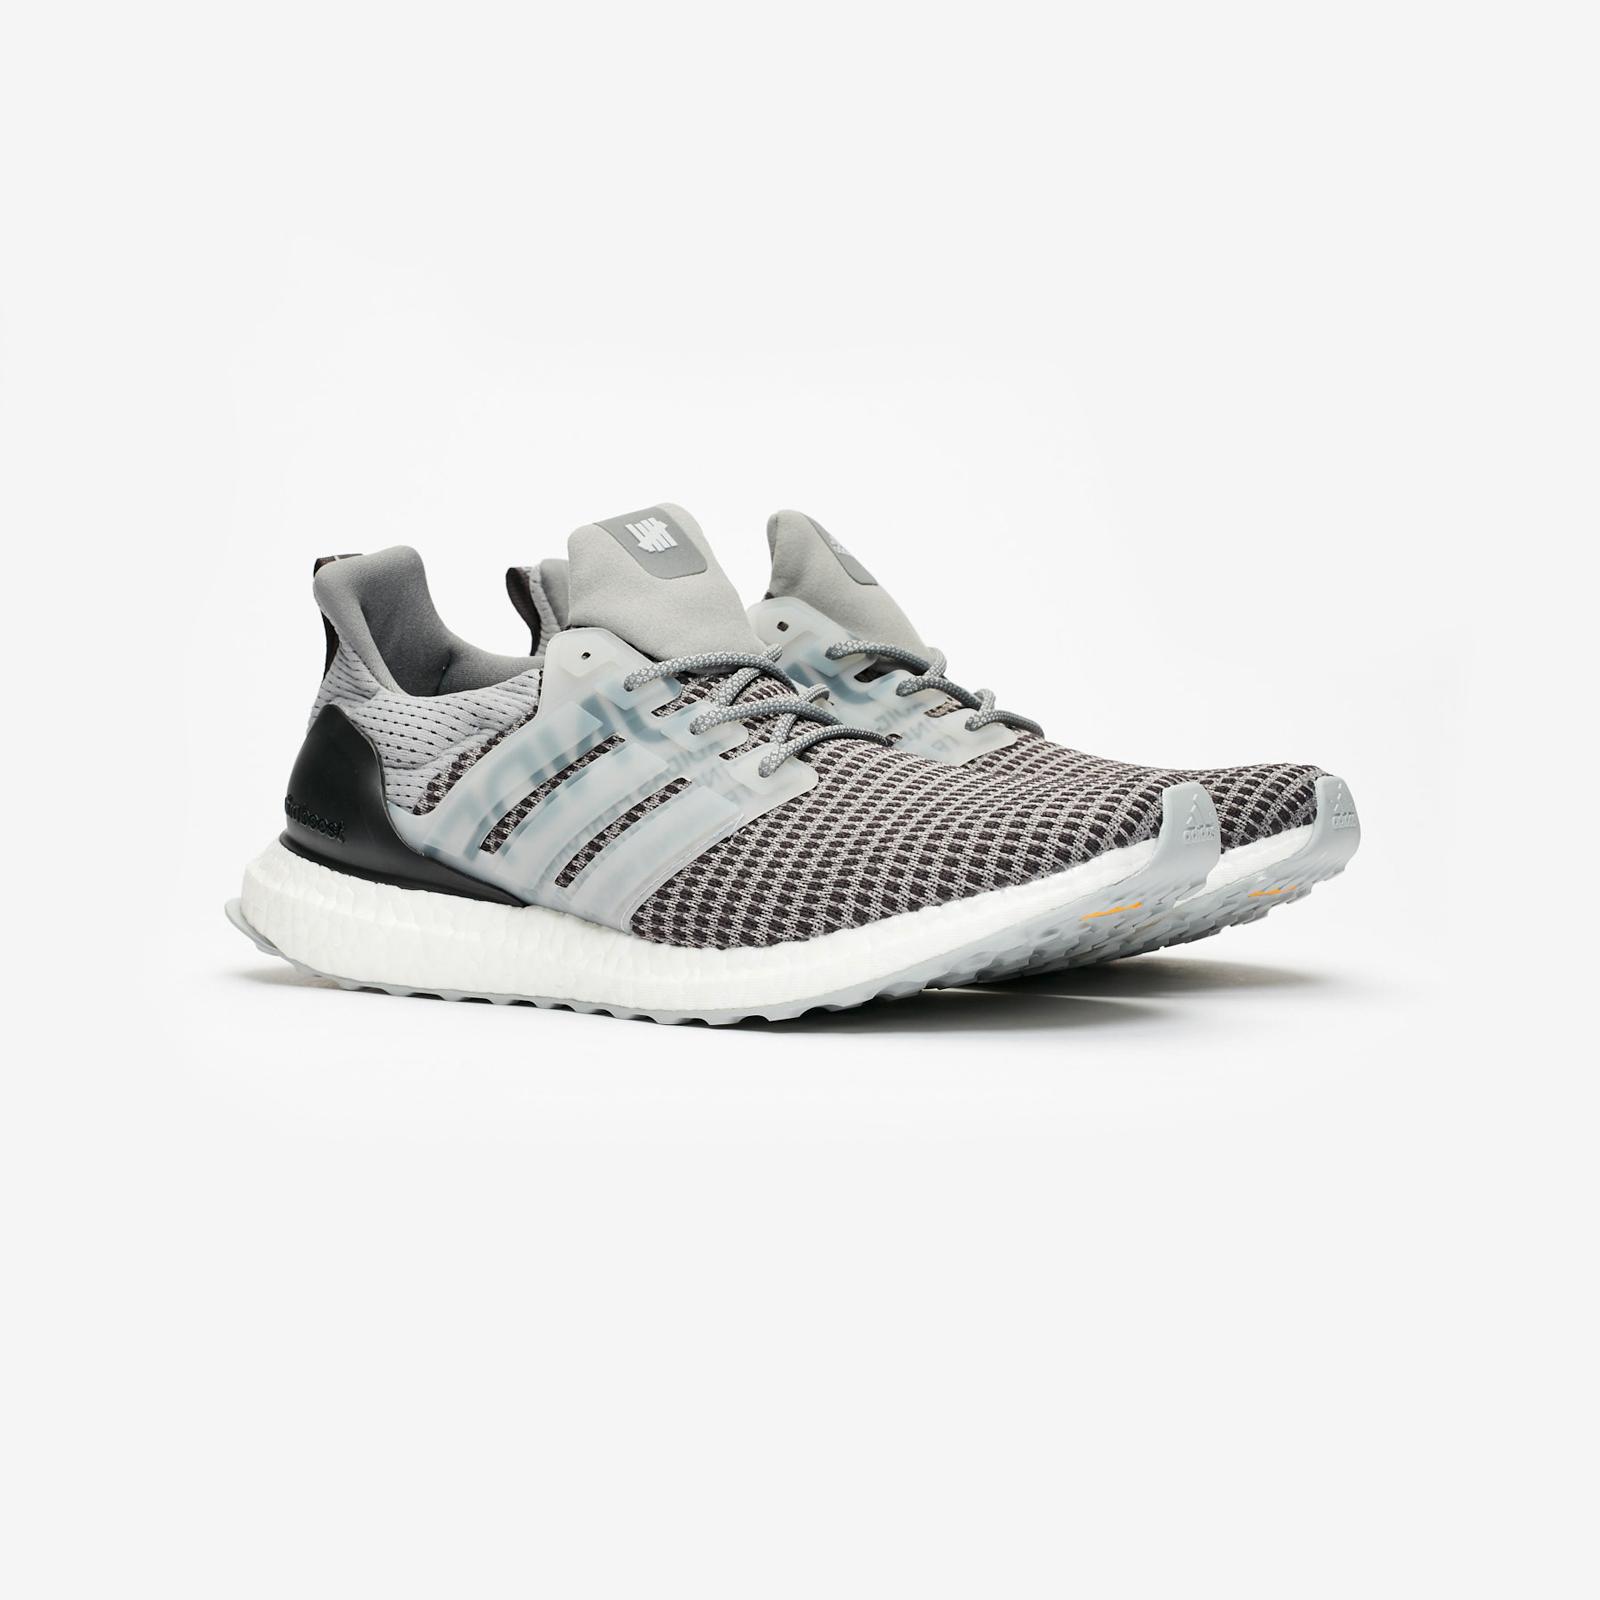 d9e39a3ec adidas UltraBOOST x UNDFTD - Cg7148 - Sneakersnstuff